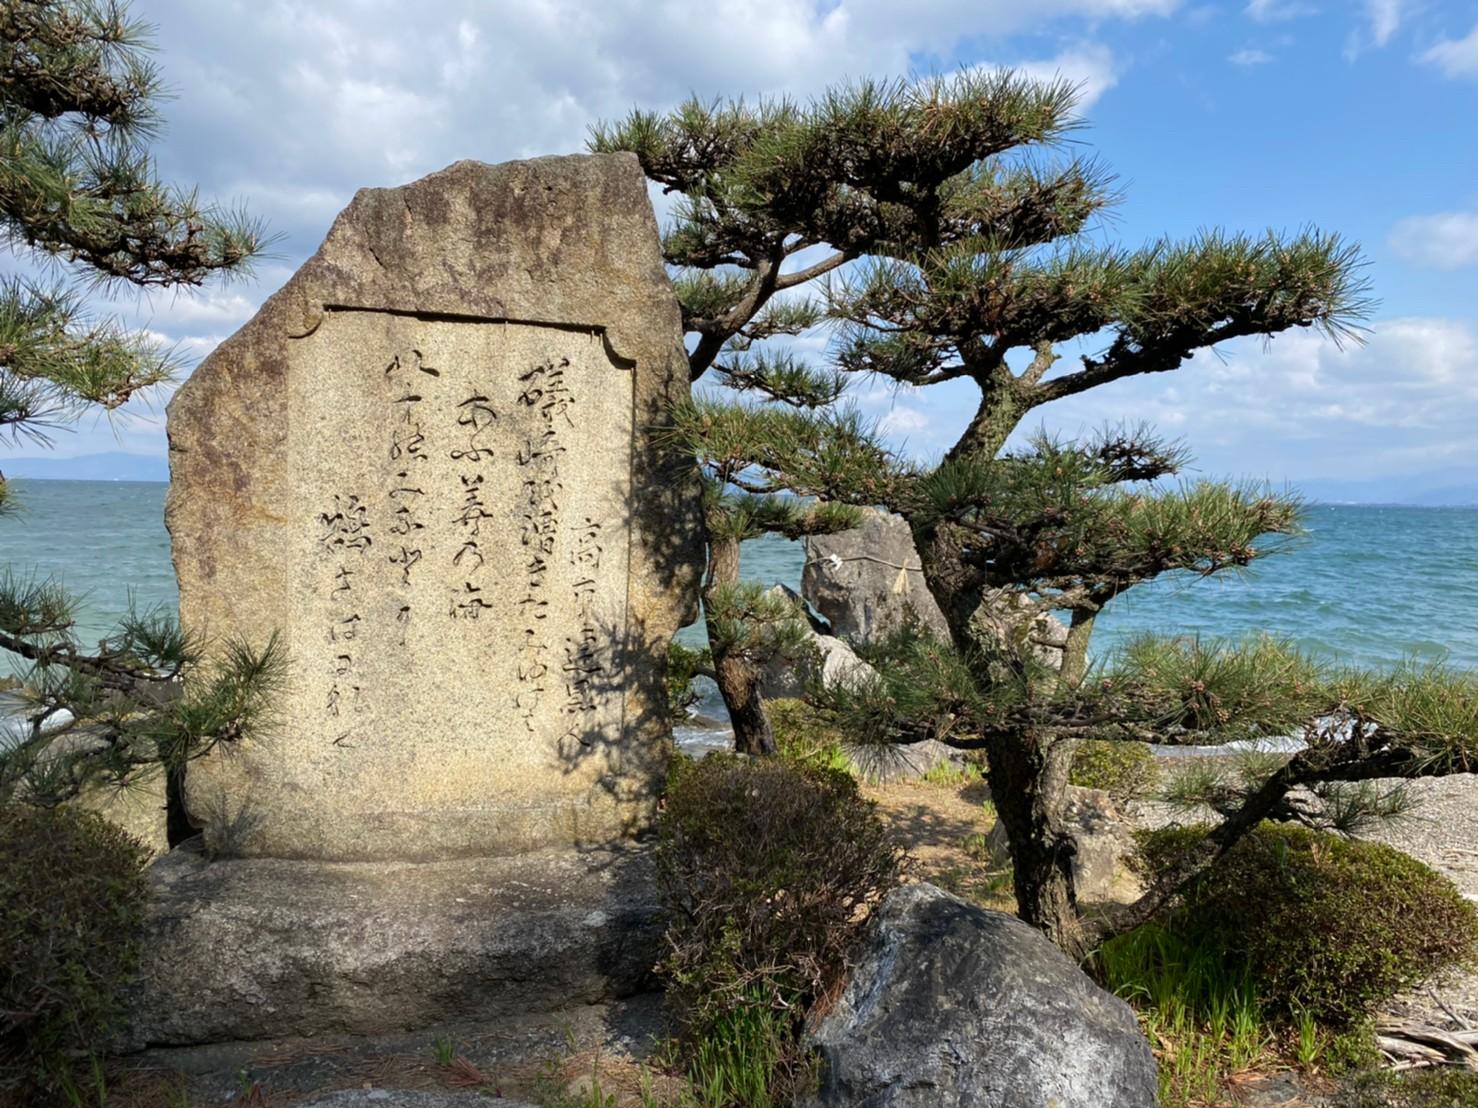 【米原市】『烏帽子岩』のアウトドア